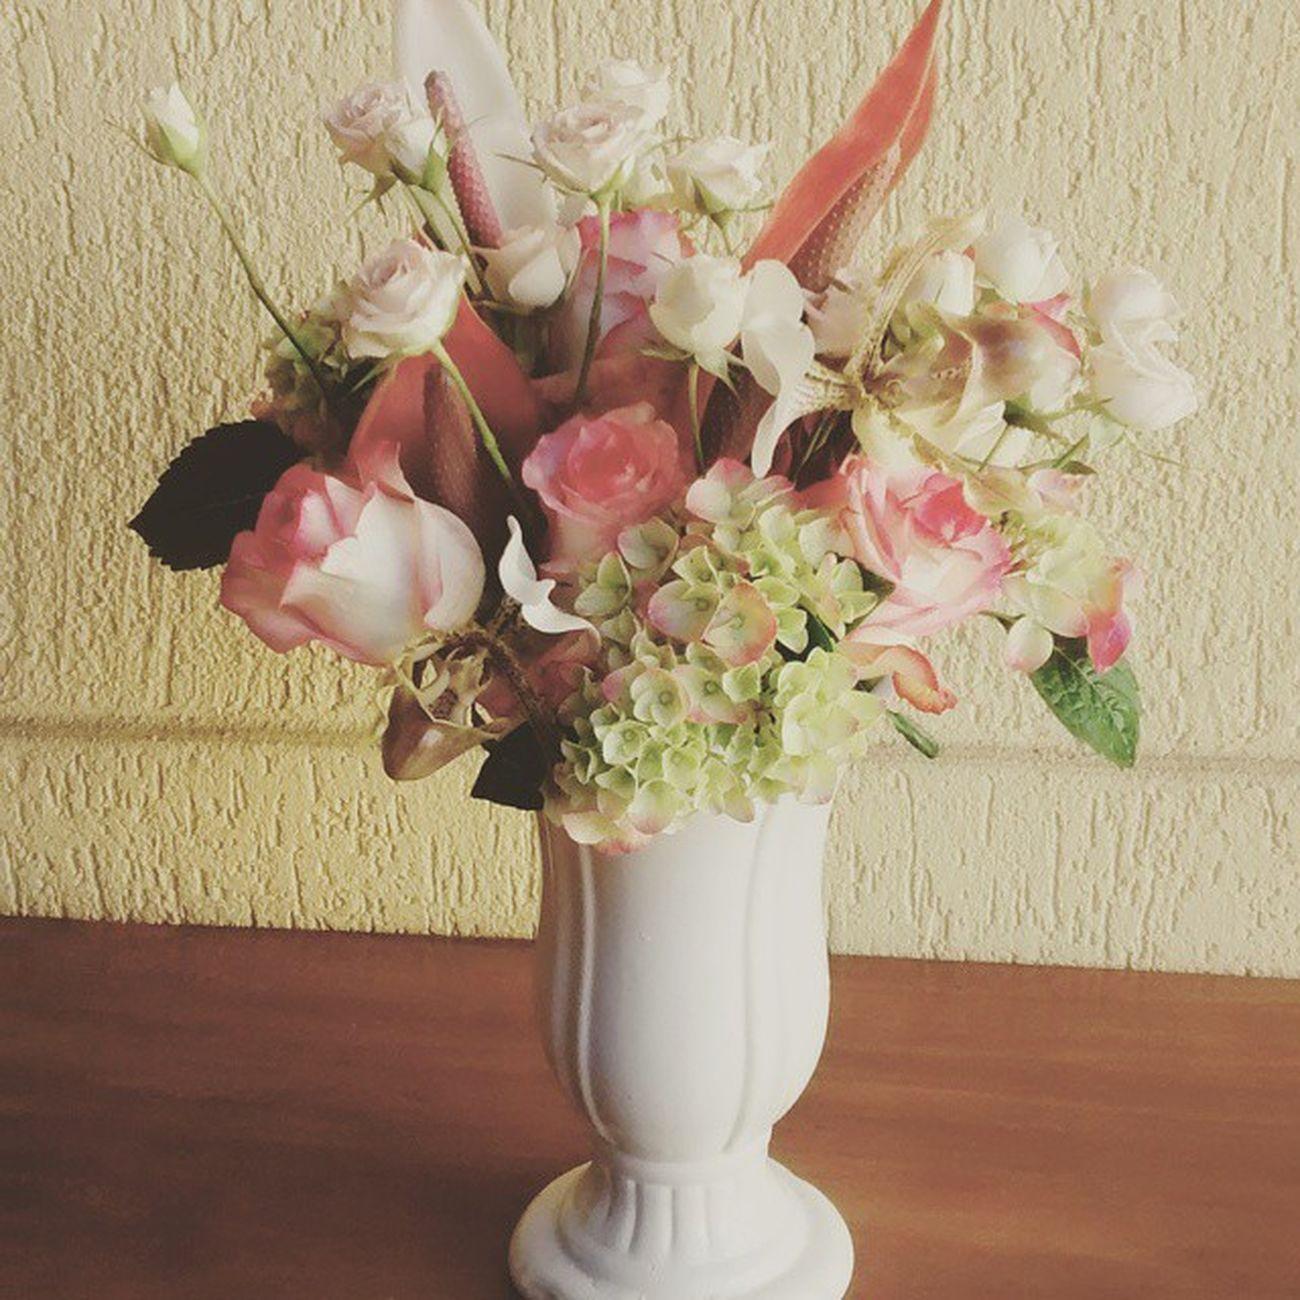 Bom dia flor do dia!!! Arranjo para noiva!! Arranjodeflores Decoracaopersonalizada Decoracaodecasamento WeddingFlowers Weddingdecor Bride